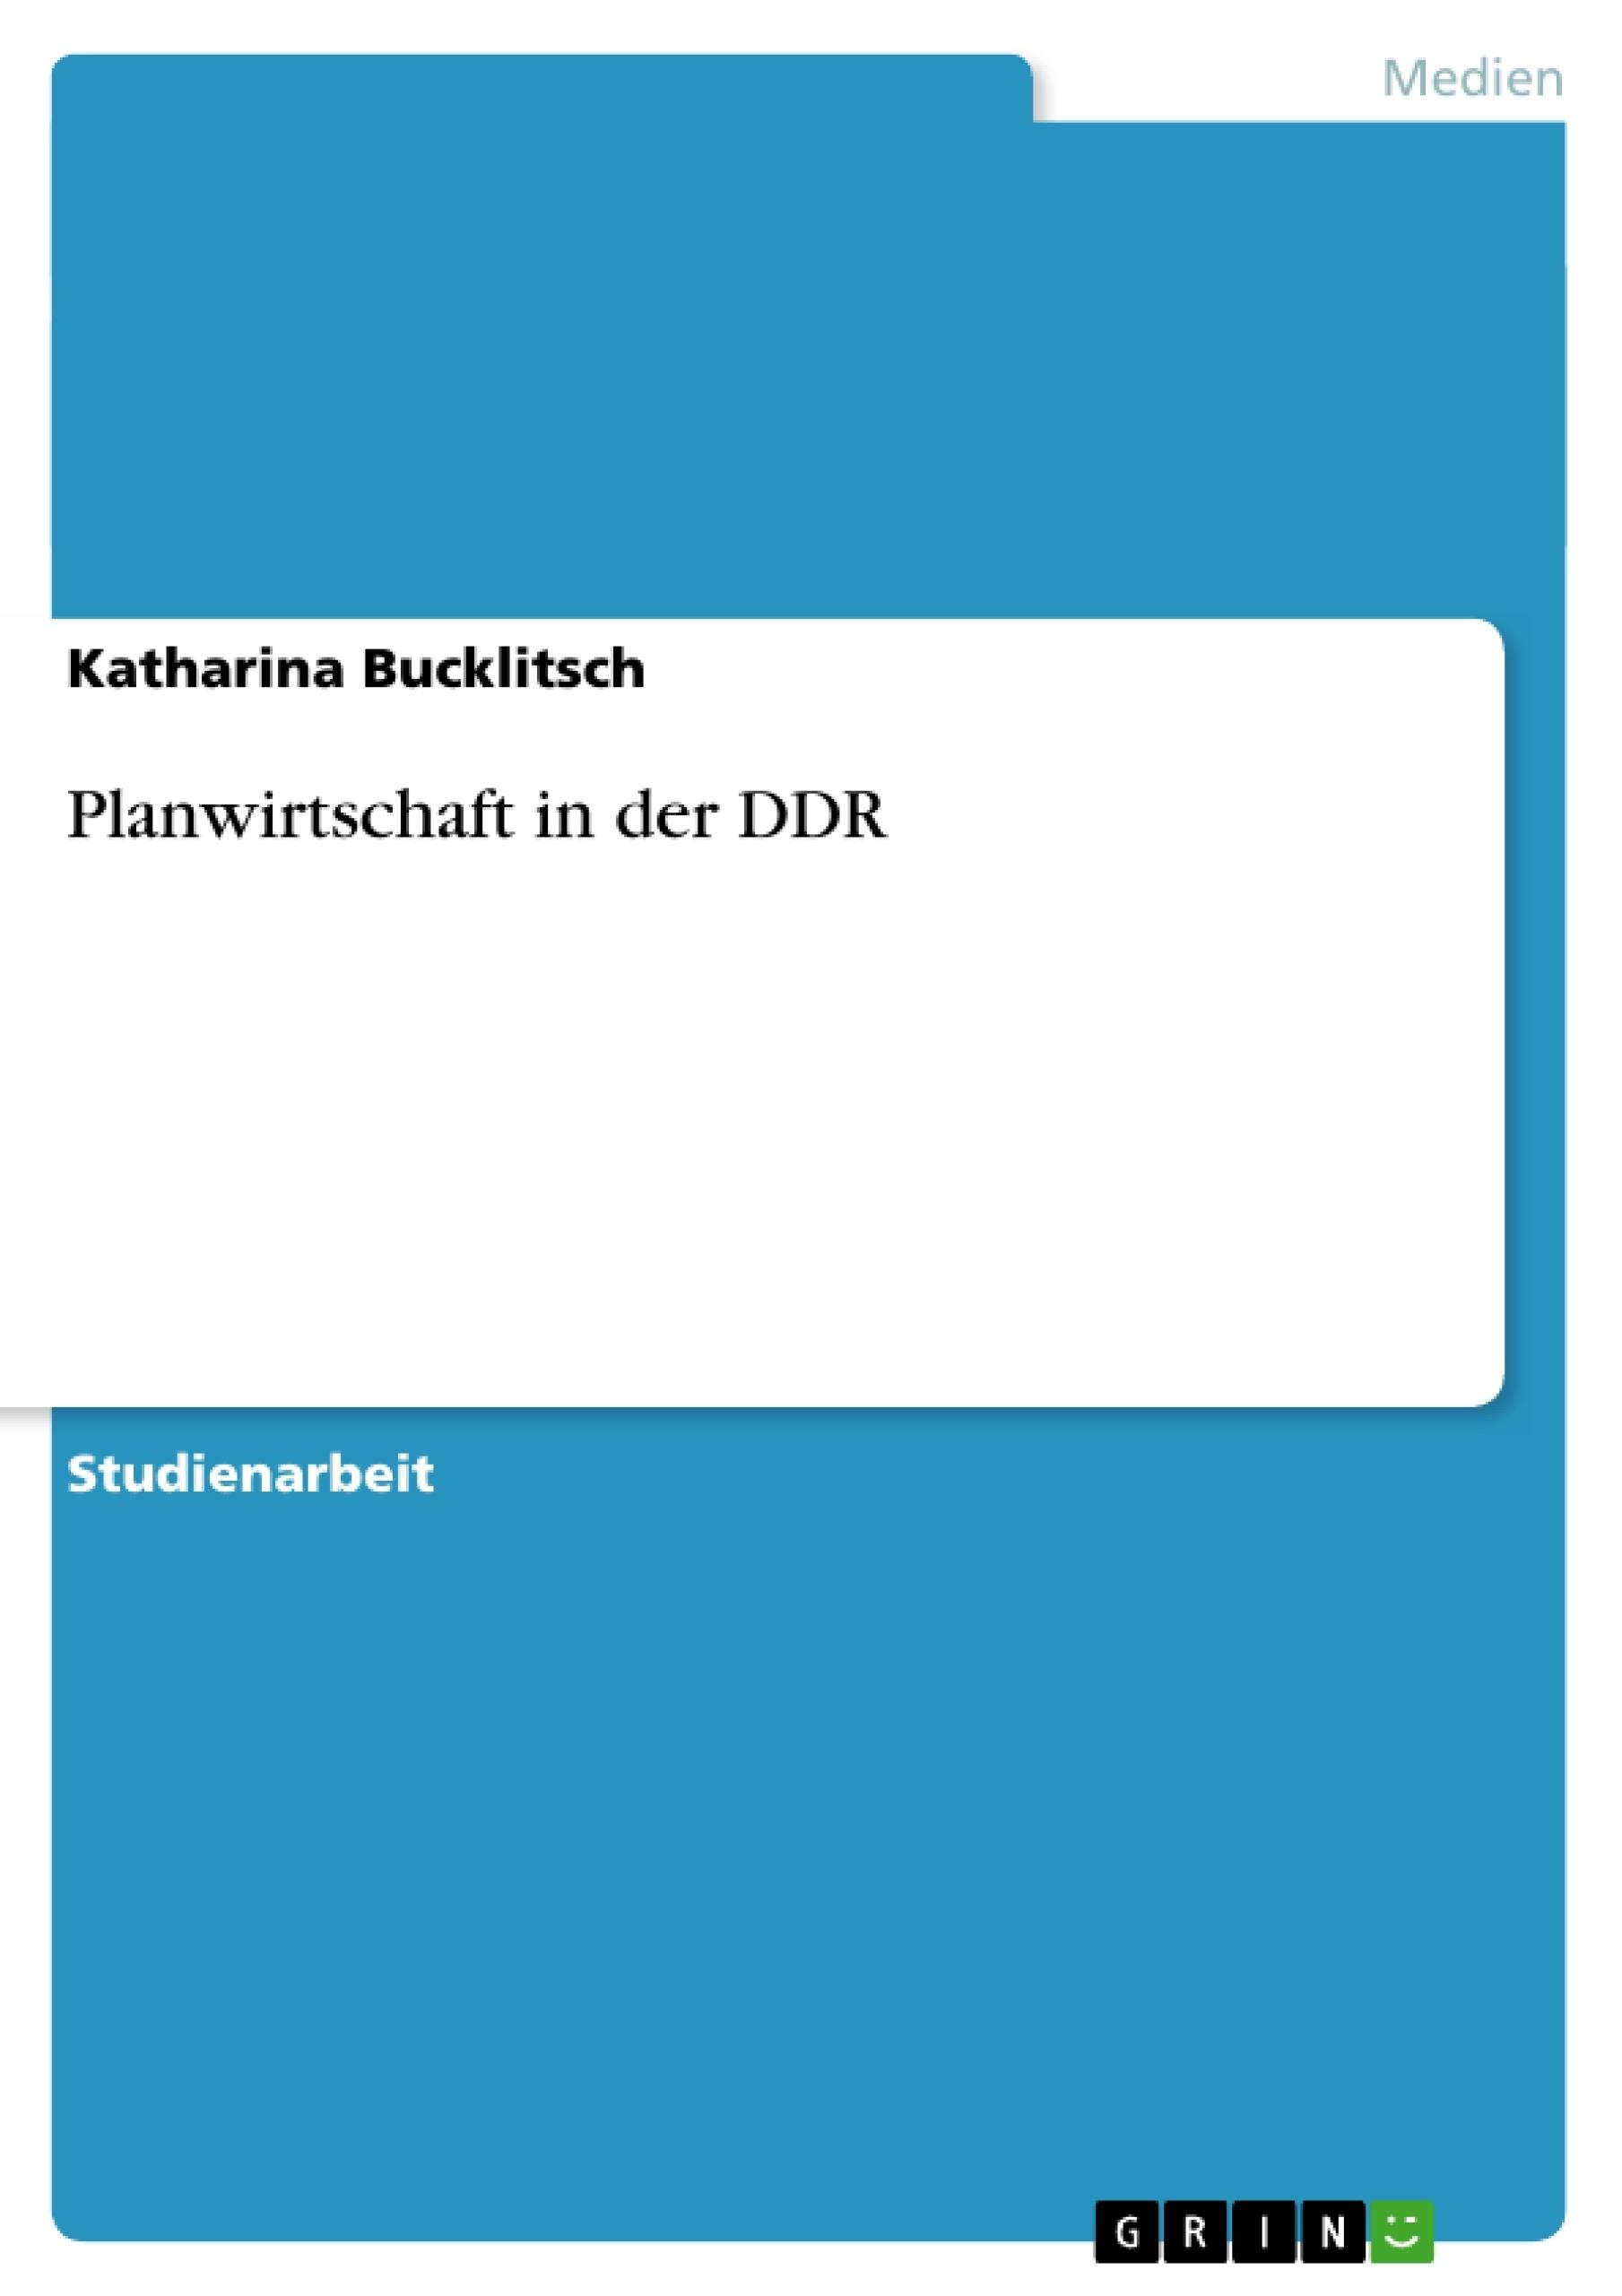 Titel: Planwirtschaft in der DDR